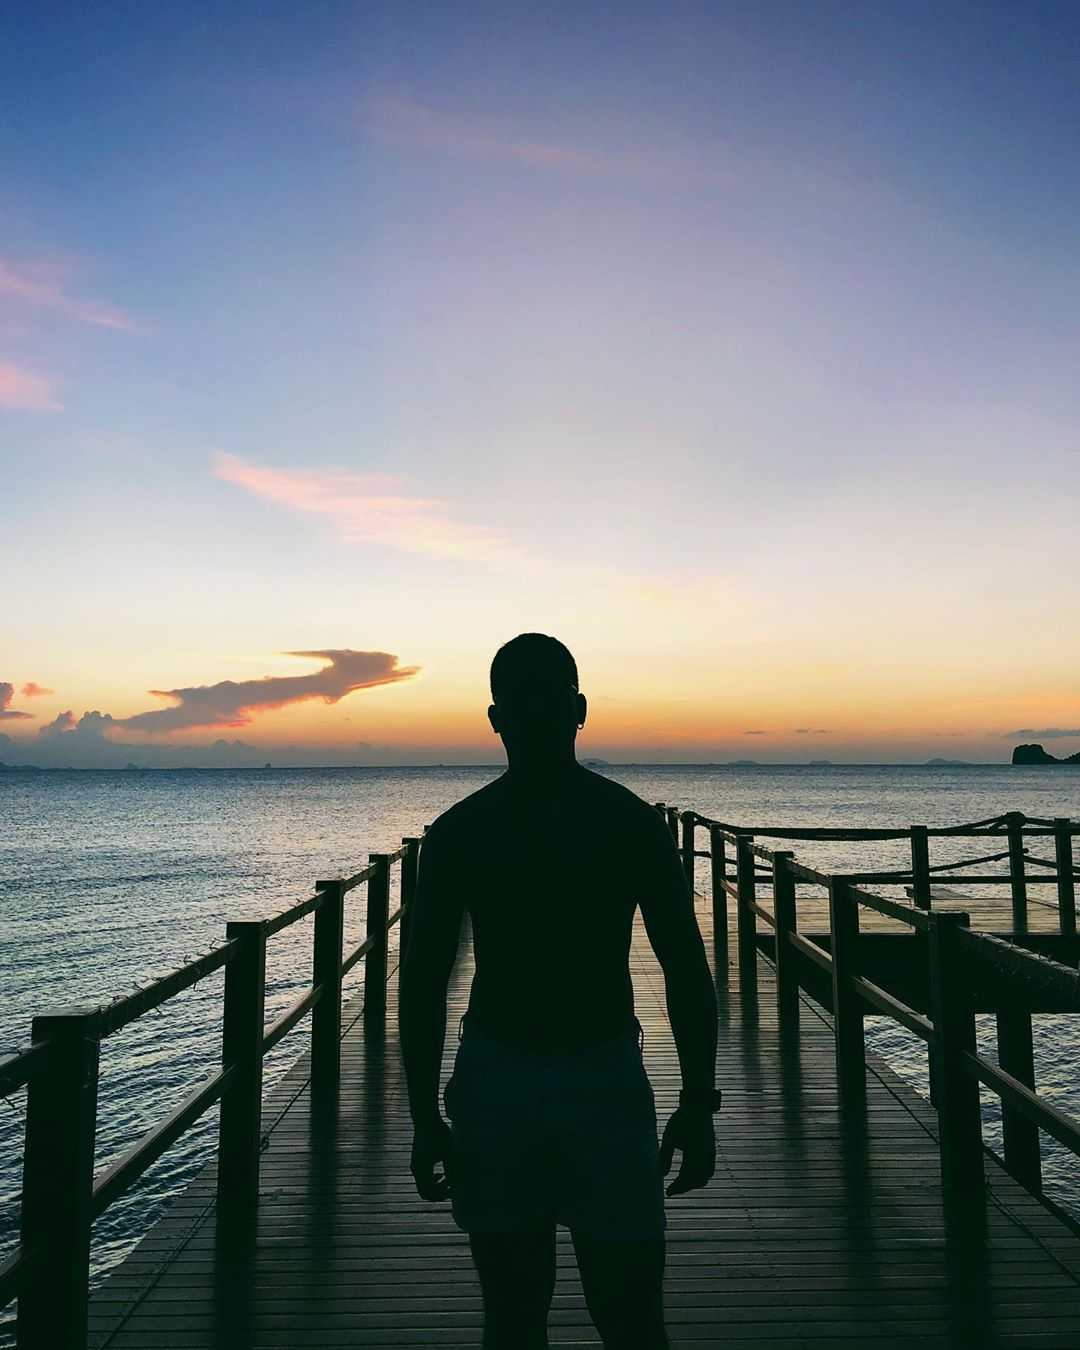 Pier on Koh Samui